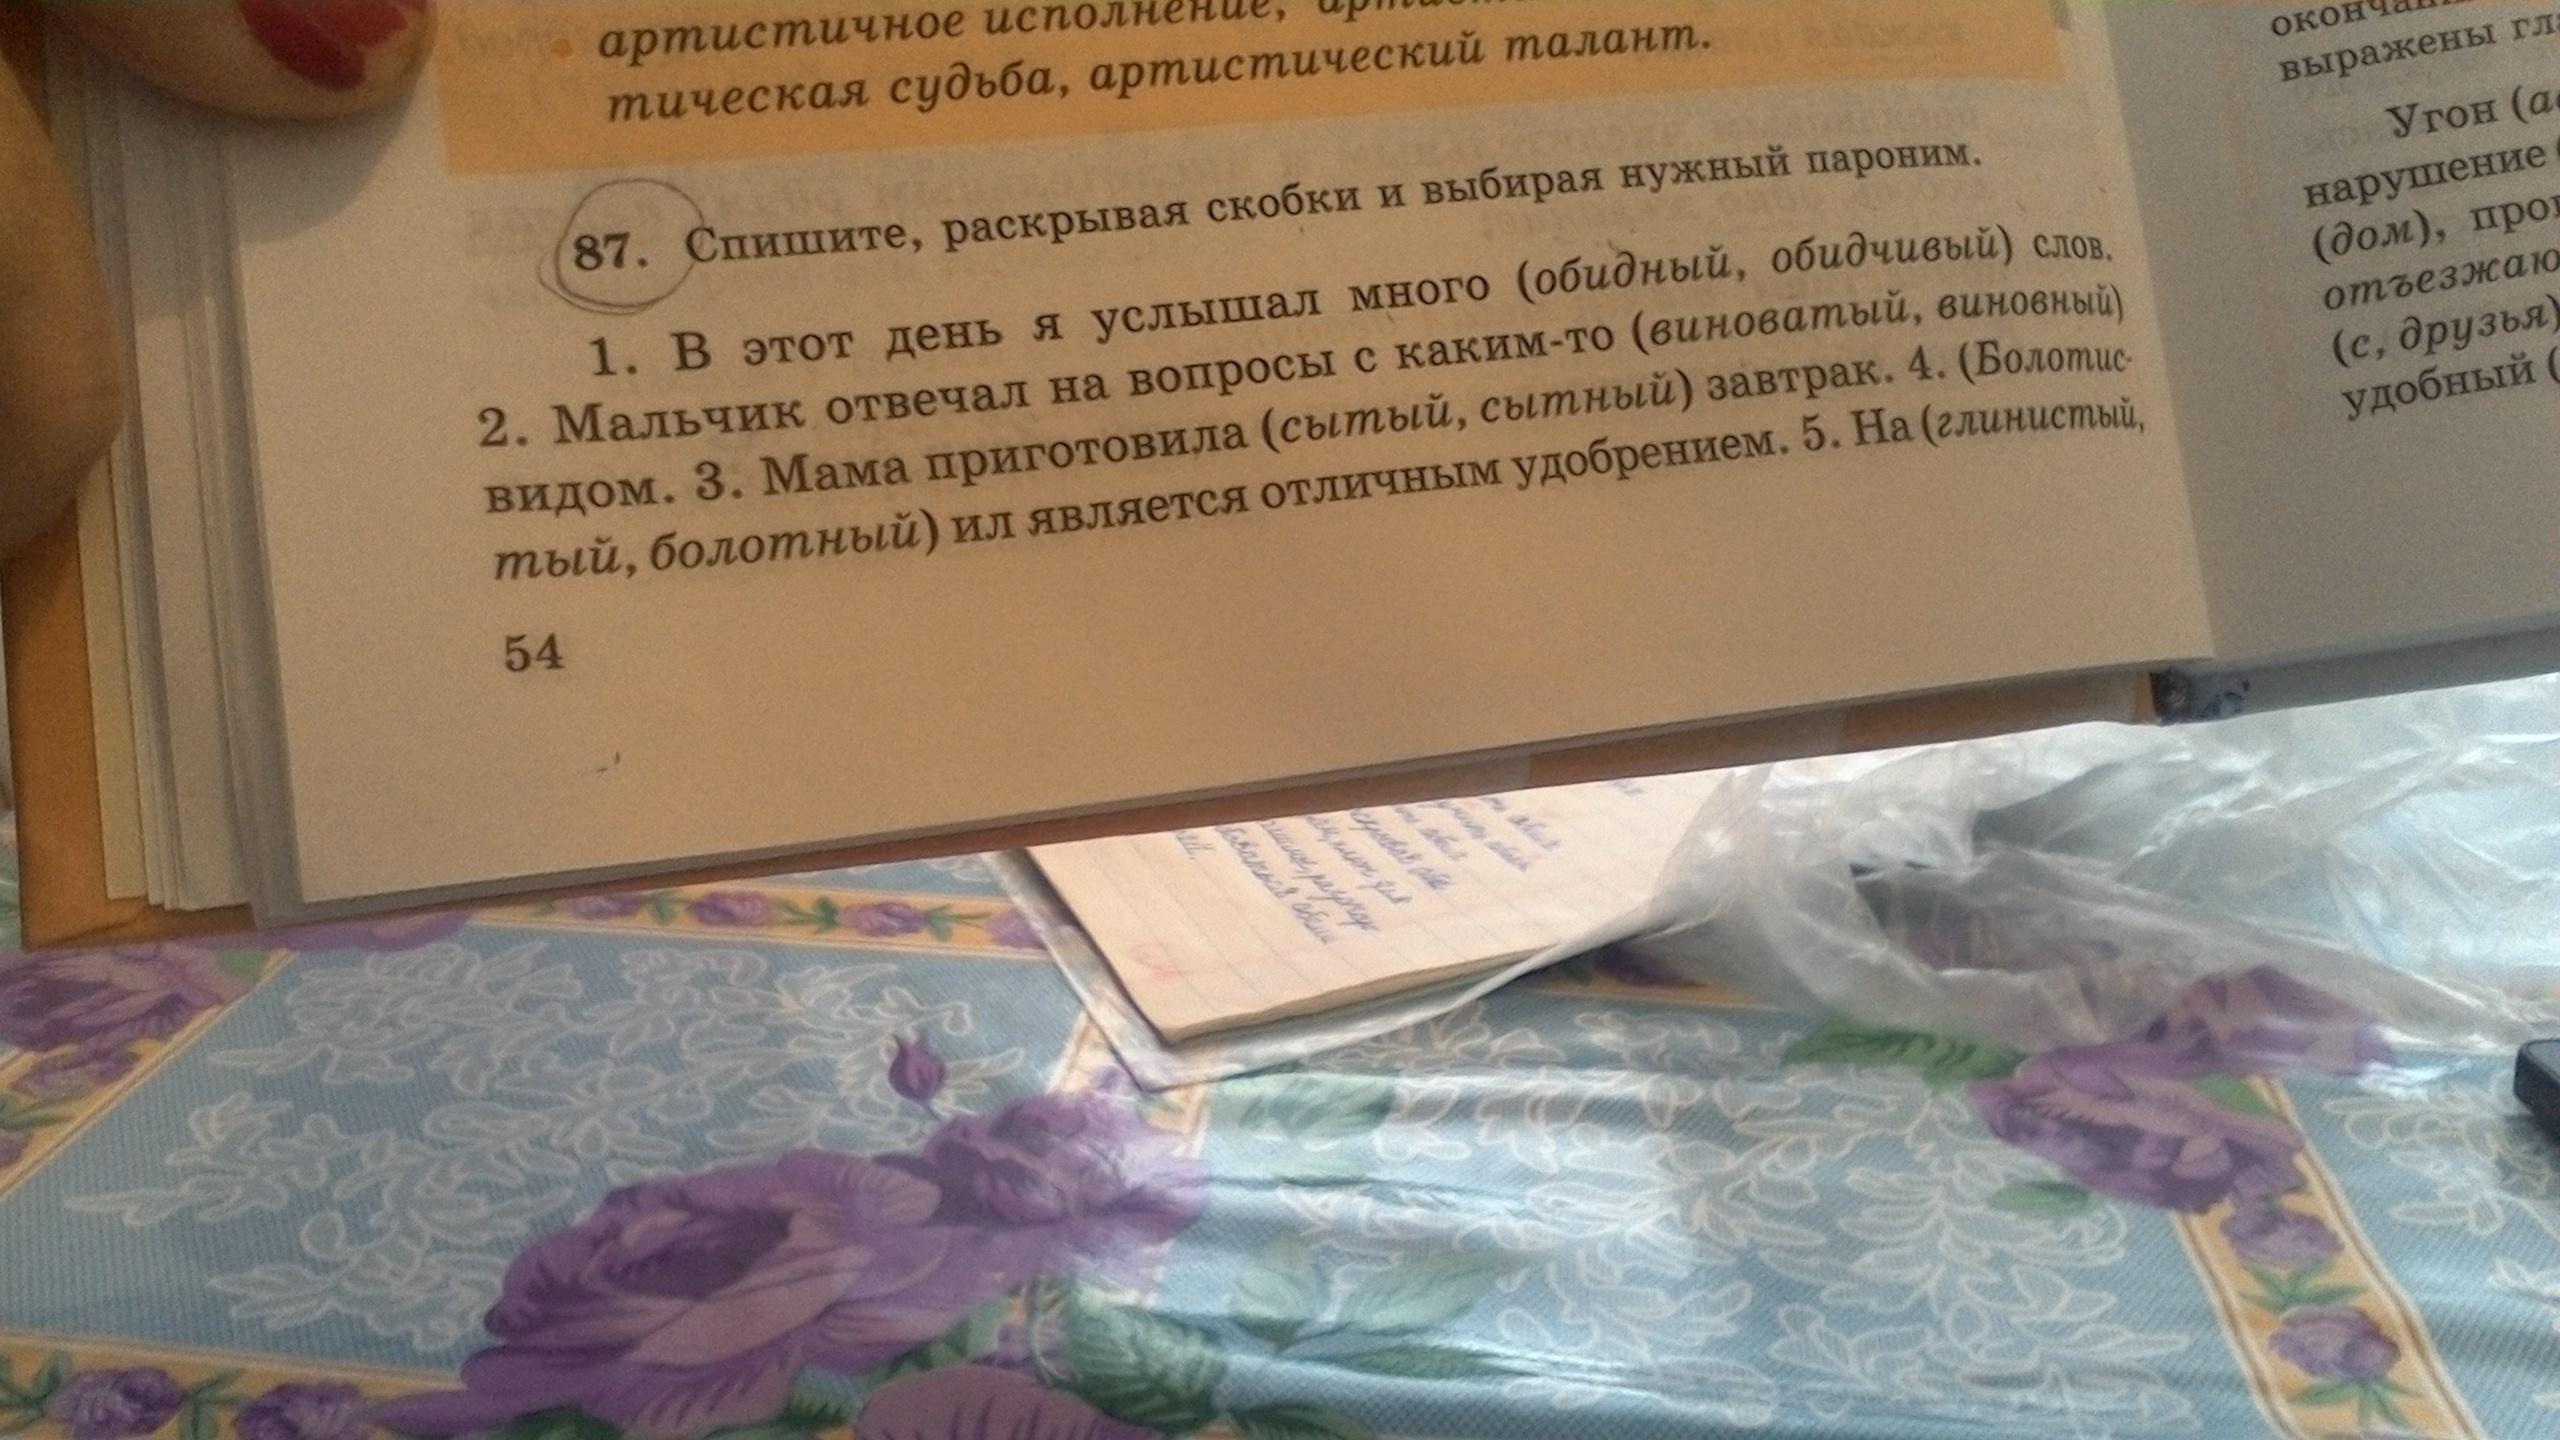 Болотный ил является отличным удобрением его доклад 5719